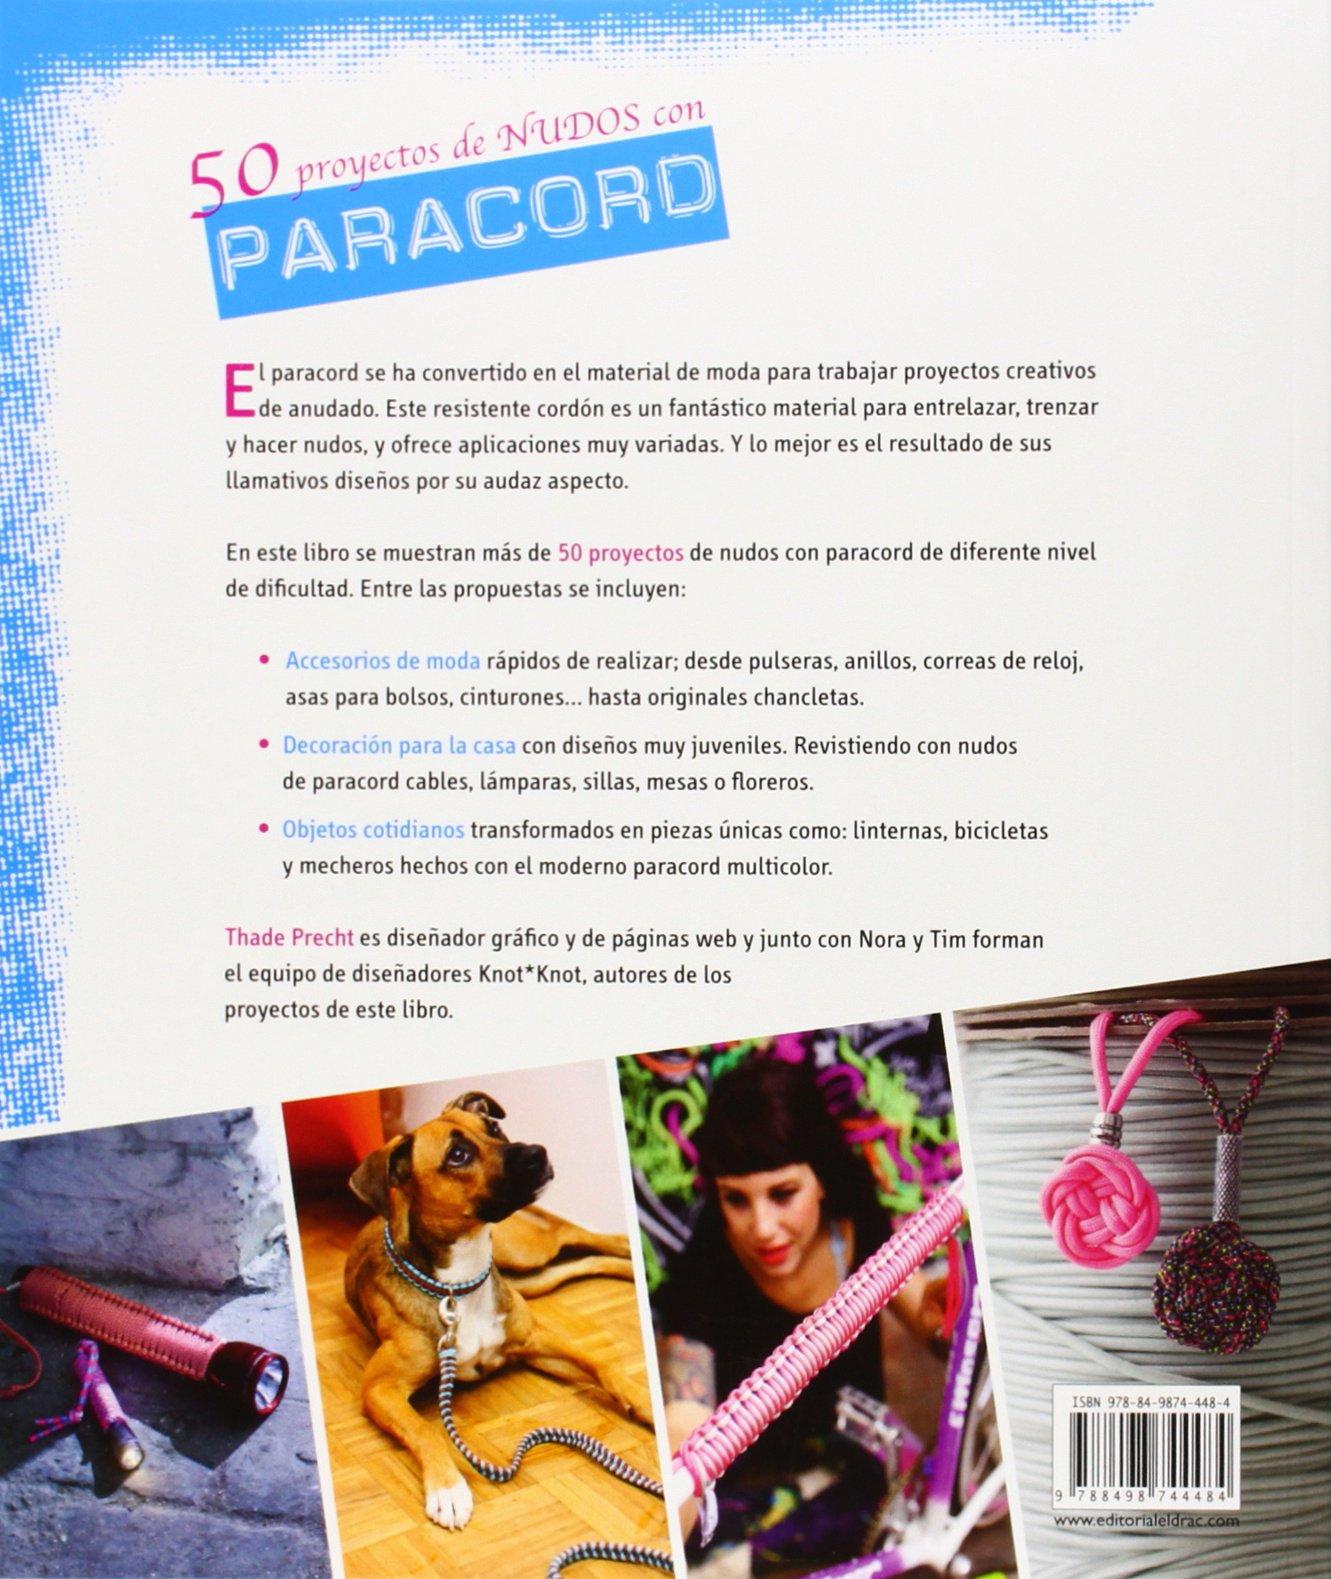 50 proyectos de nudos con Paracord: PRECHT(744484): 9788498744484: Amazon.com: Books